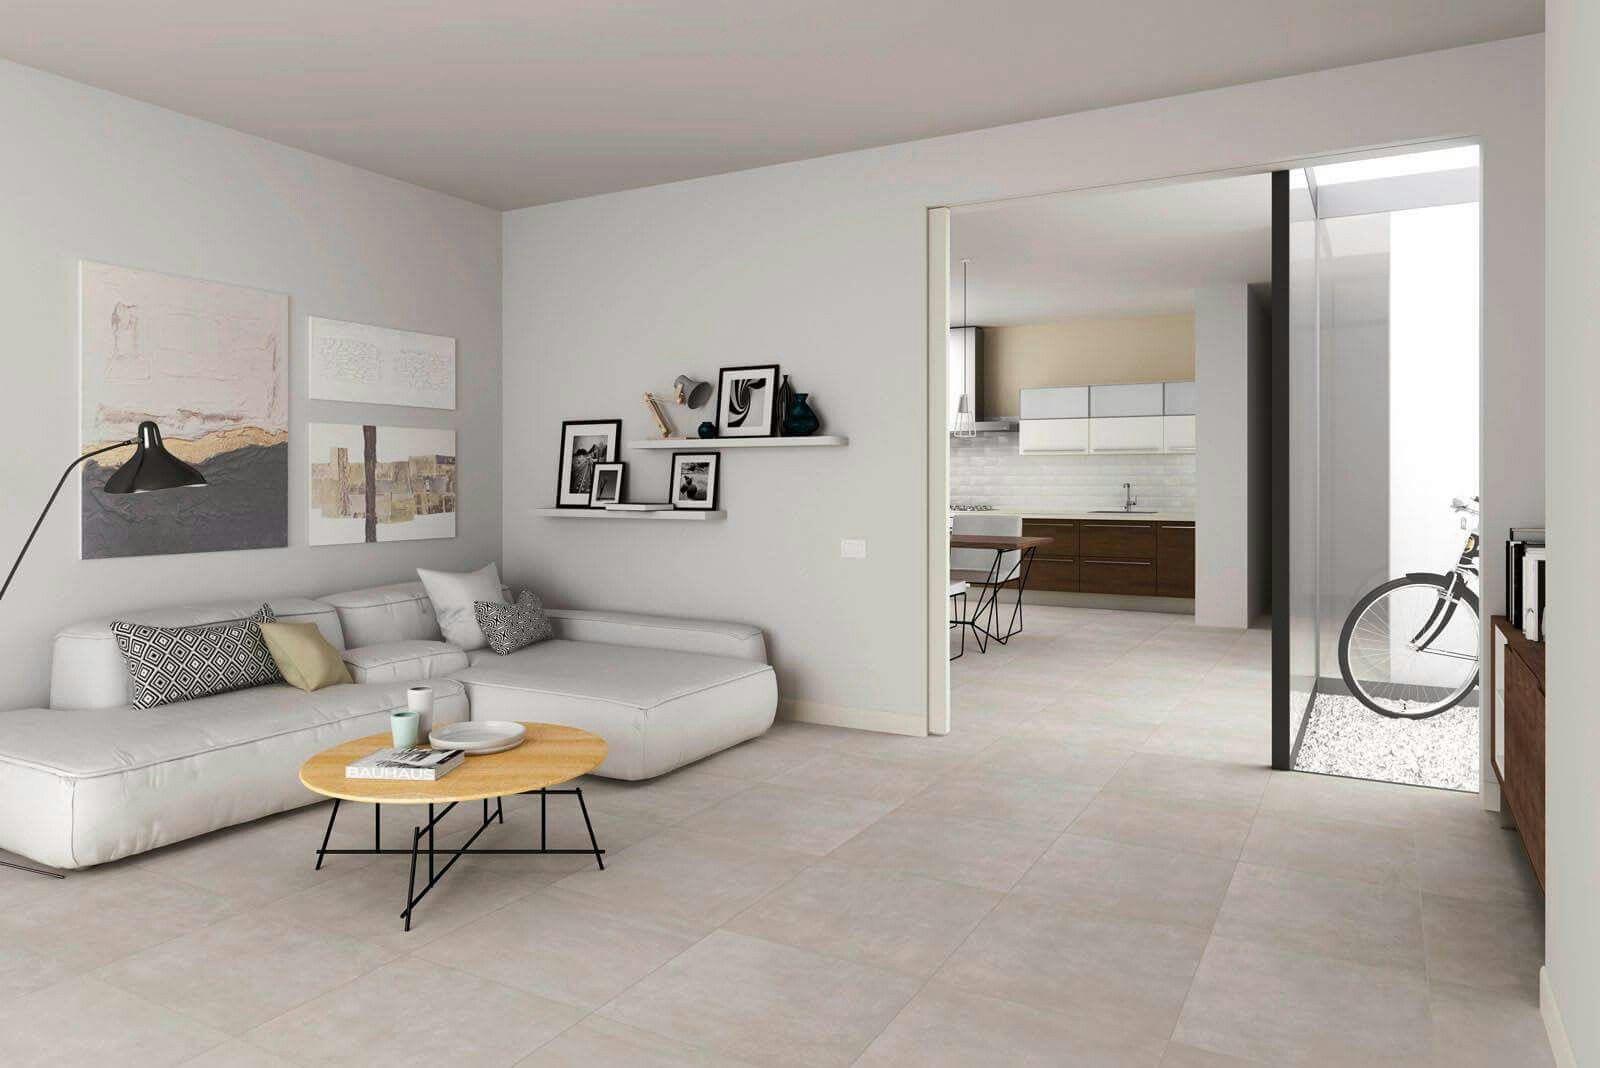 Pin von Cyd Marie auf casa ideale  Fliesen wohnzimmer, Wohnzimmer